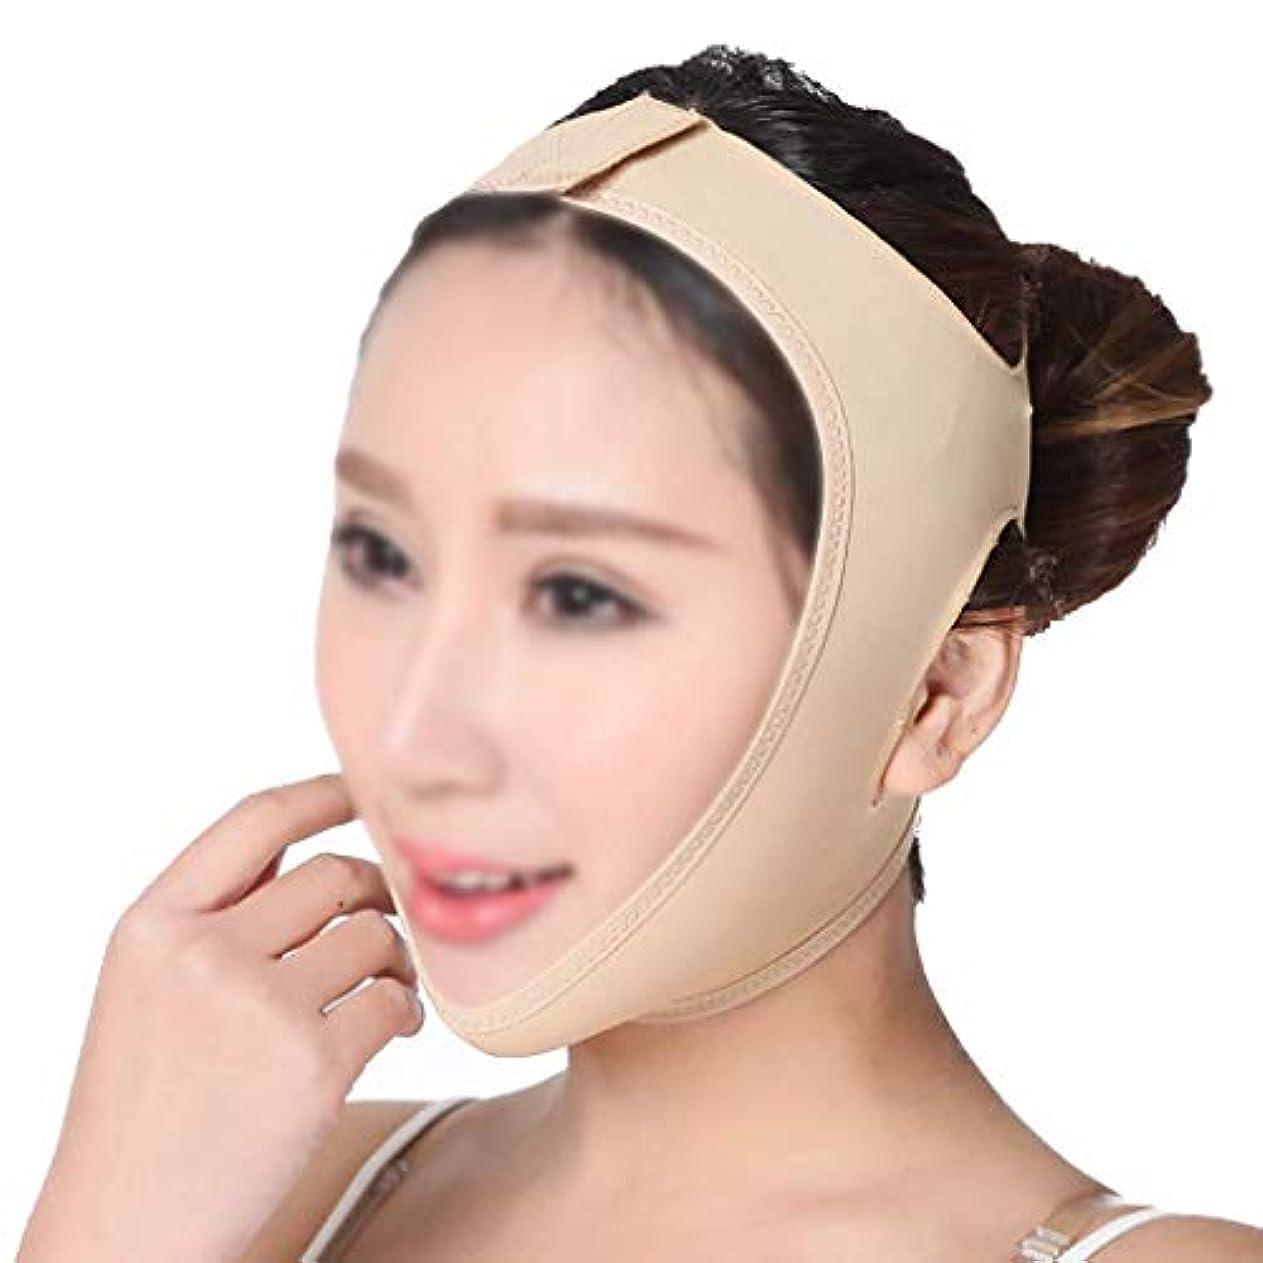 二次アジア人クライマックス薄型フェイスバンデージフェイススリムダブル顎を取り除くVラインフェイスシェイプを作成チンチークリフトアップアンチリンクルリフティングベルトフェイスマッサージツール(サイズ:S),ザ?